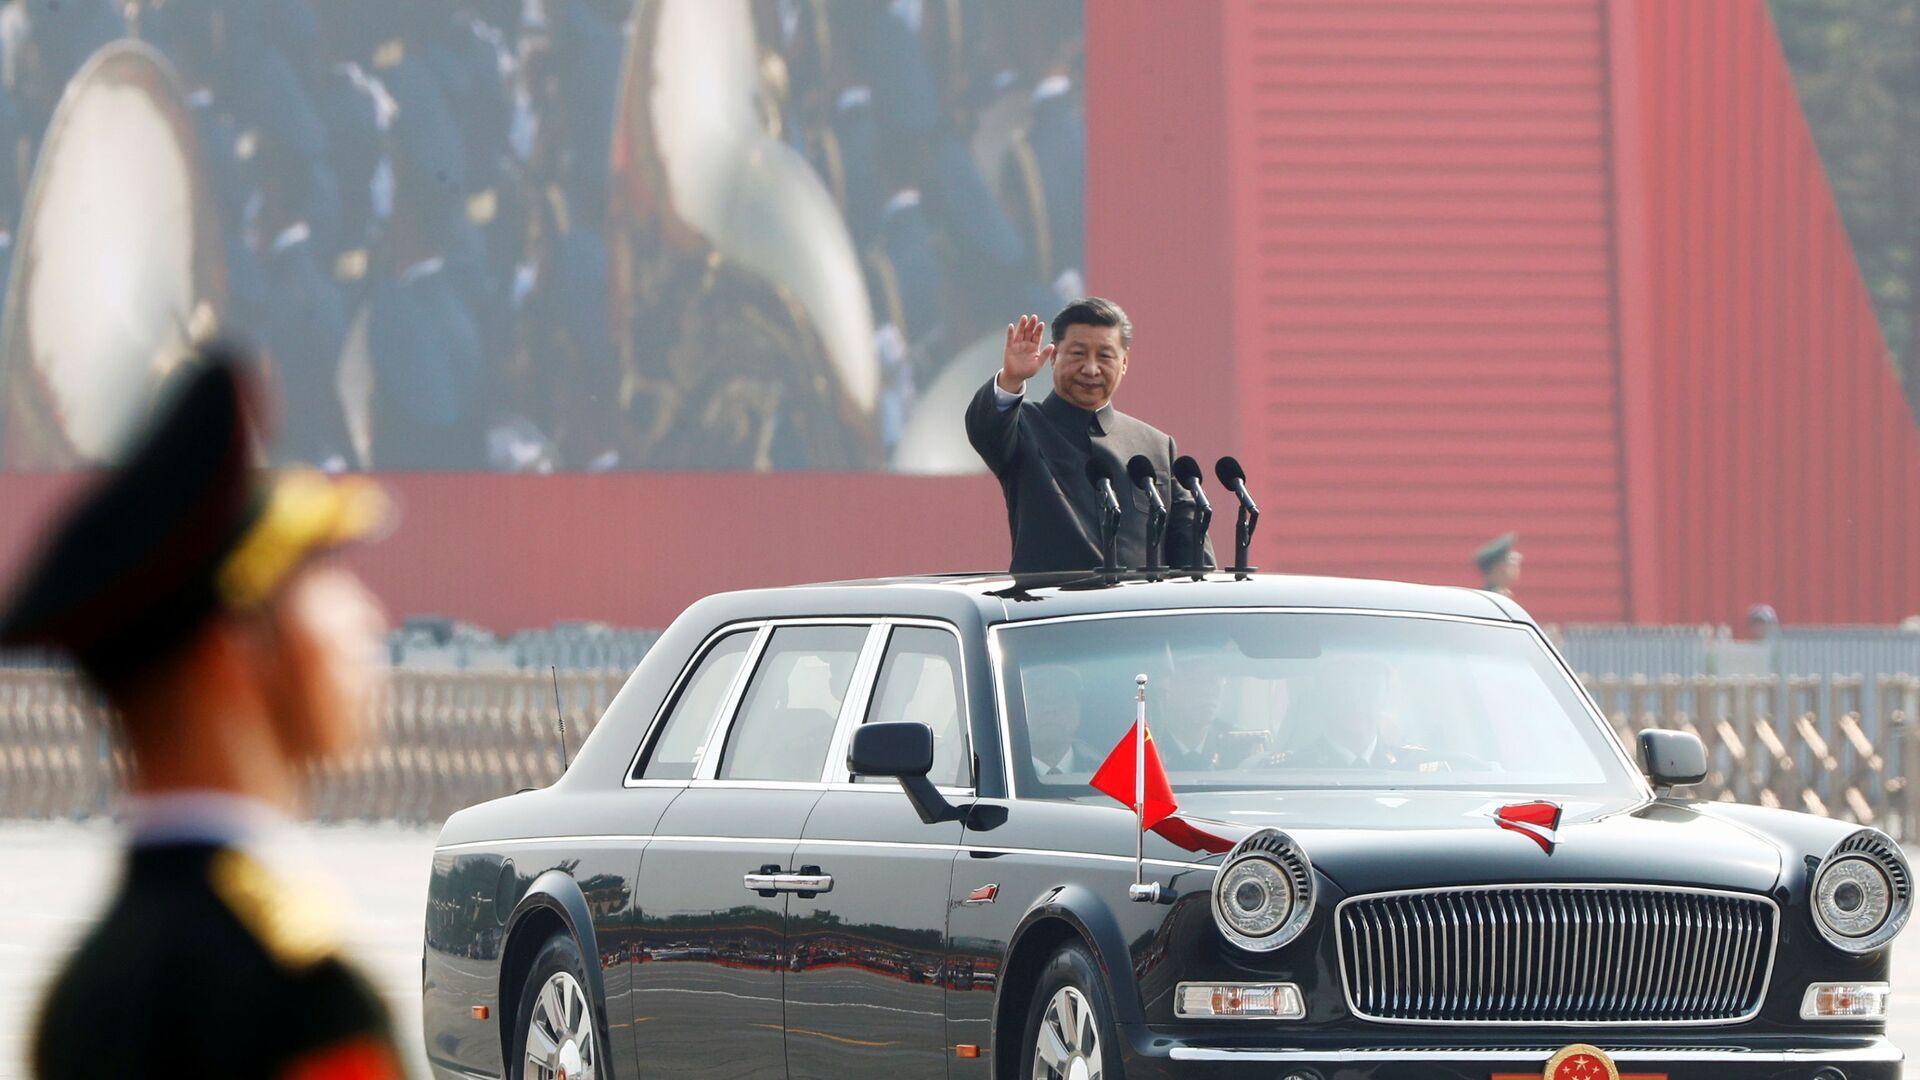 Президент Китая Си Цзиньпин на военном параде в честь 70-летия образования КНР в Пекине  - Sputnik Таджикистан, 1920, 25.02.2021